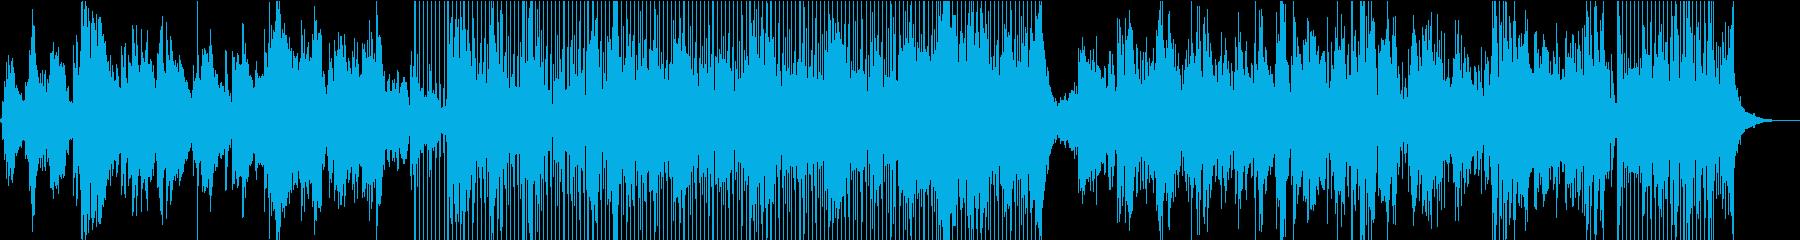 サックスソロとベースのジャジーなバ...の再生済みの波形